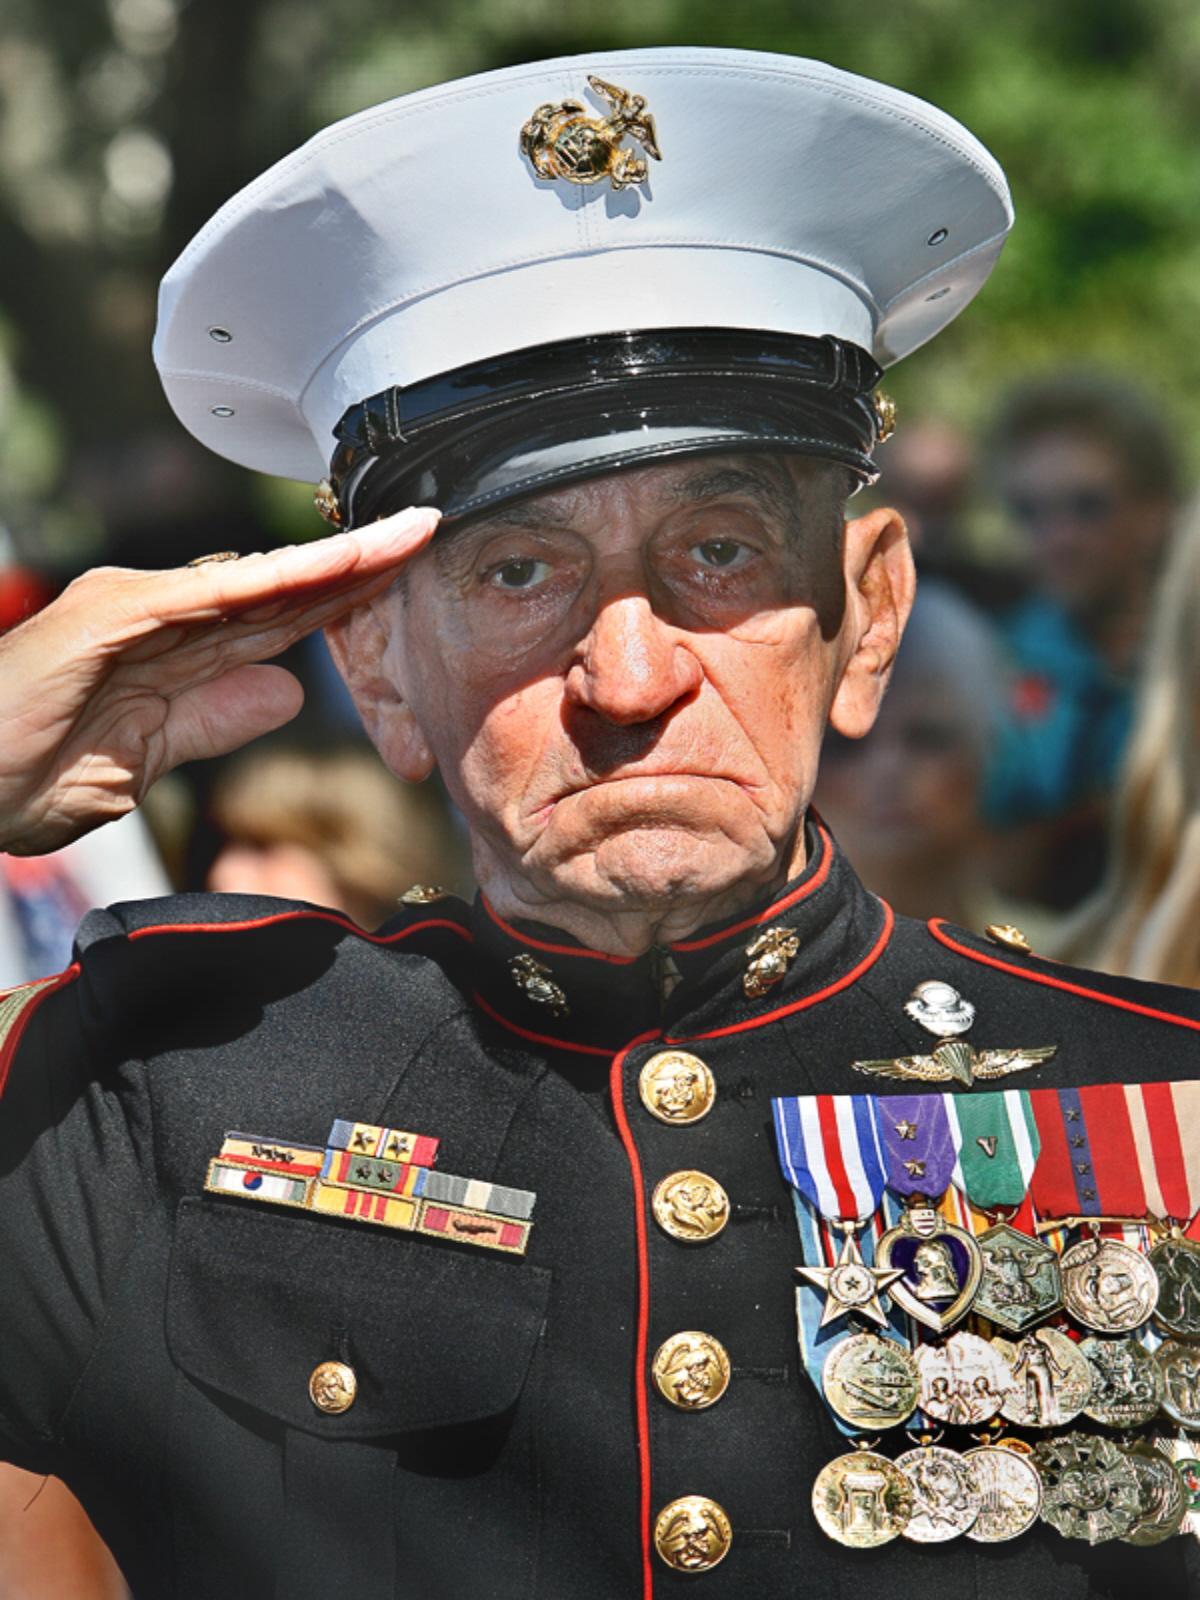 A USMC vet salutes his fallen